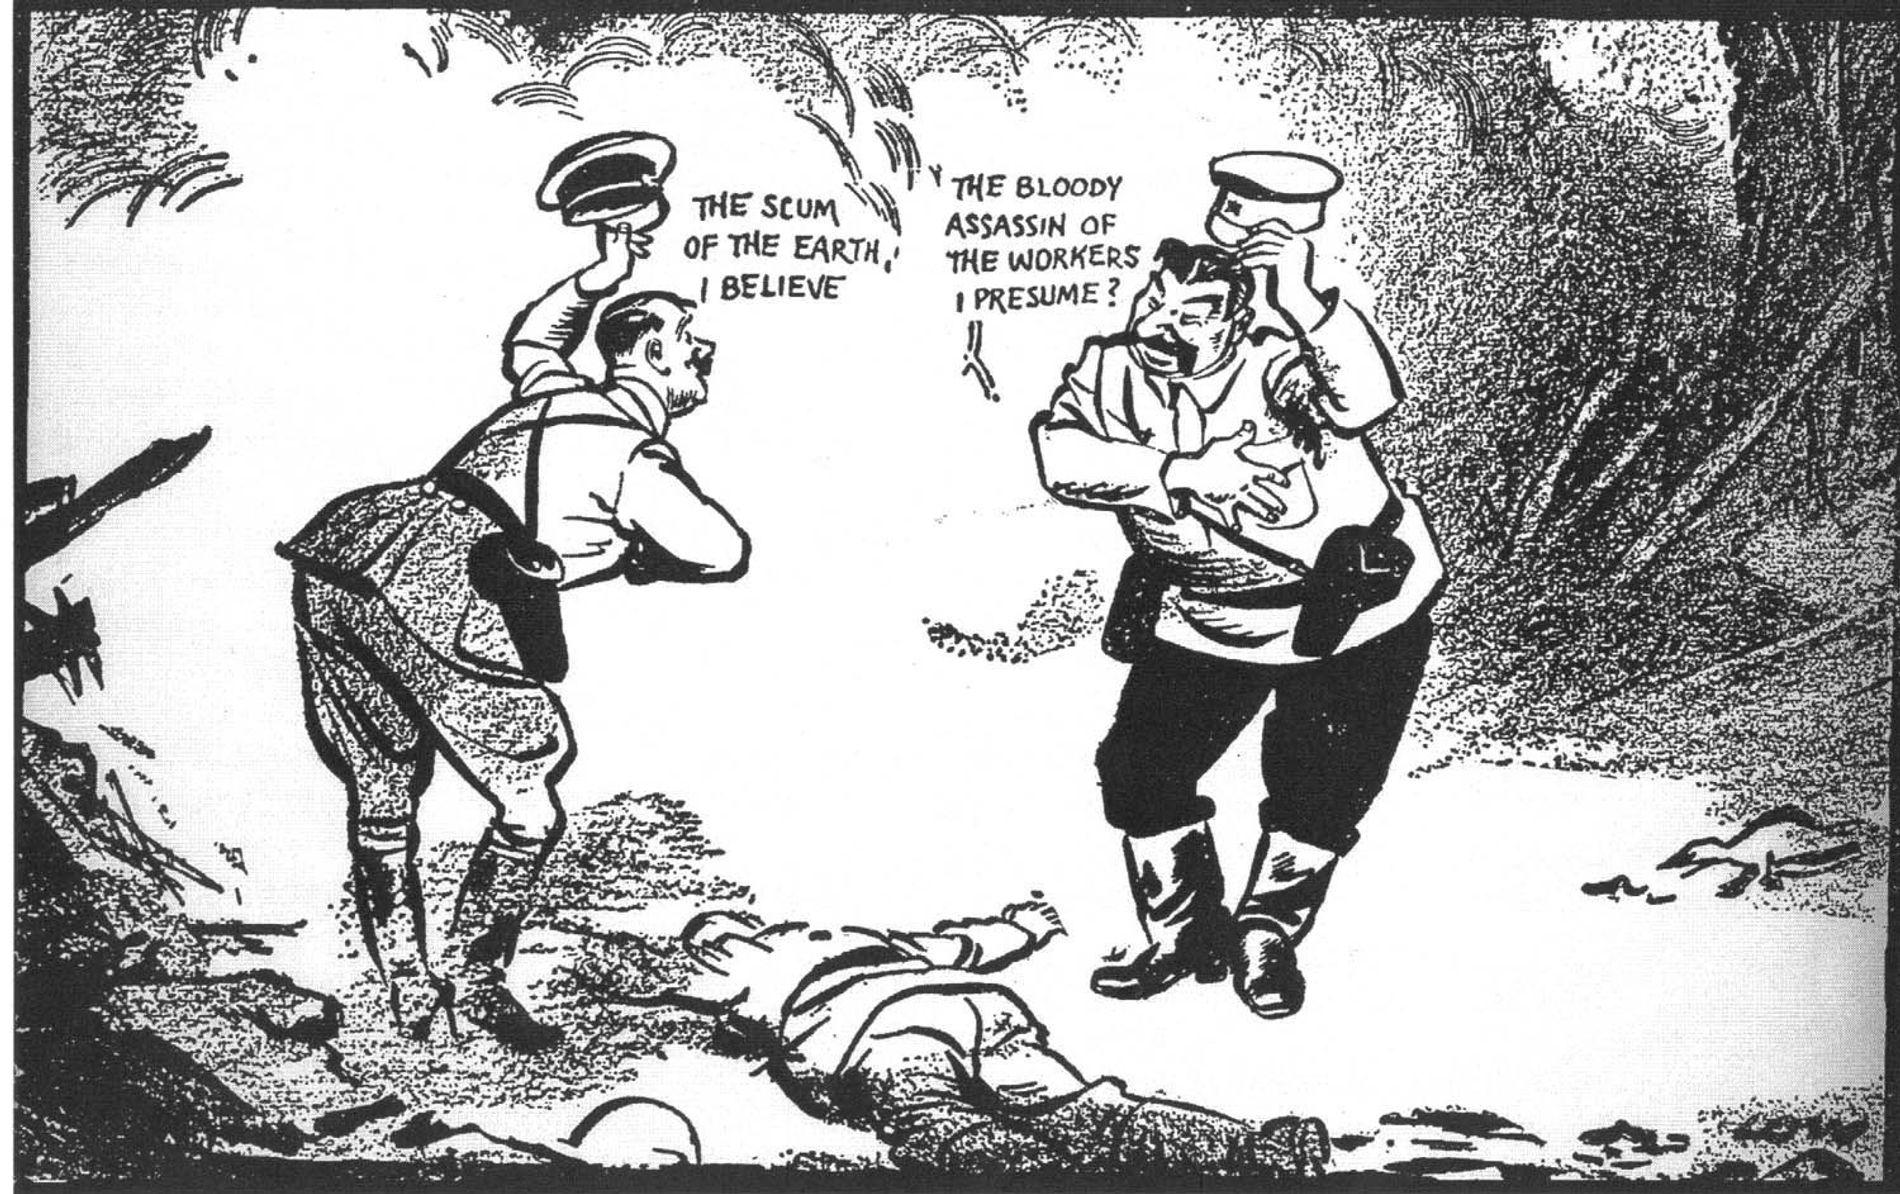 Hitler y Stalin se saludan sarcásticamente sobre el cadaver de Polonia en esta viñeta del historietista neozelandés, David Low.